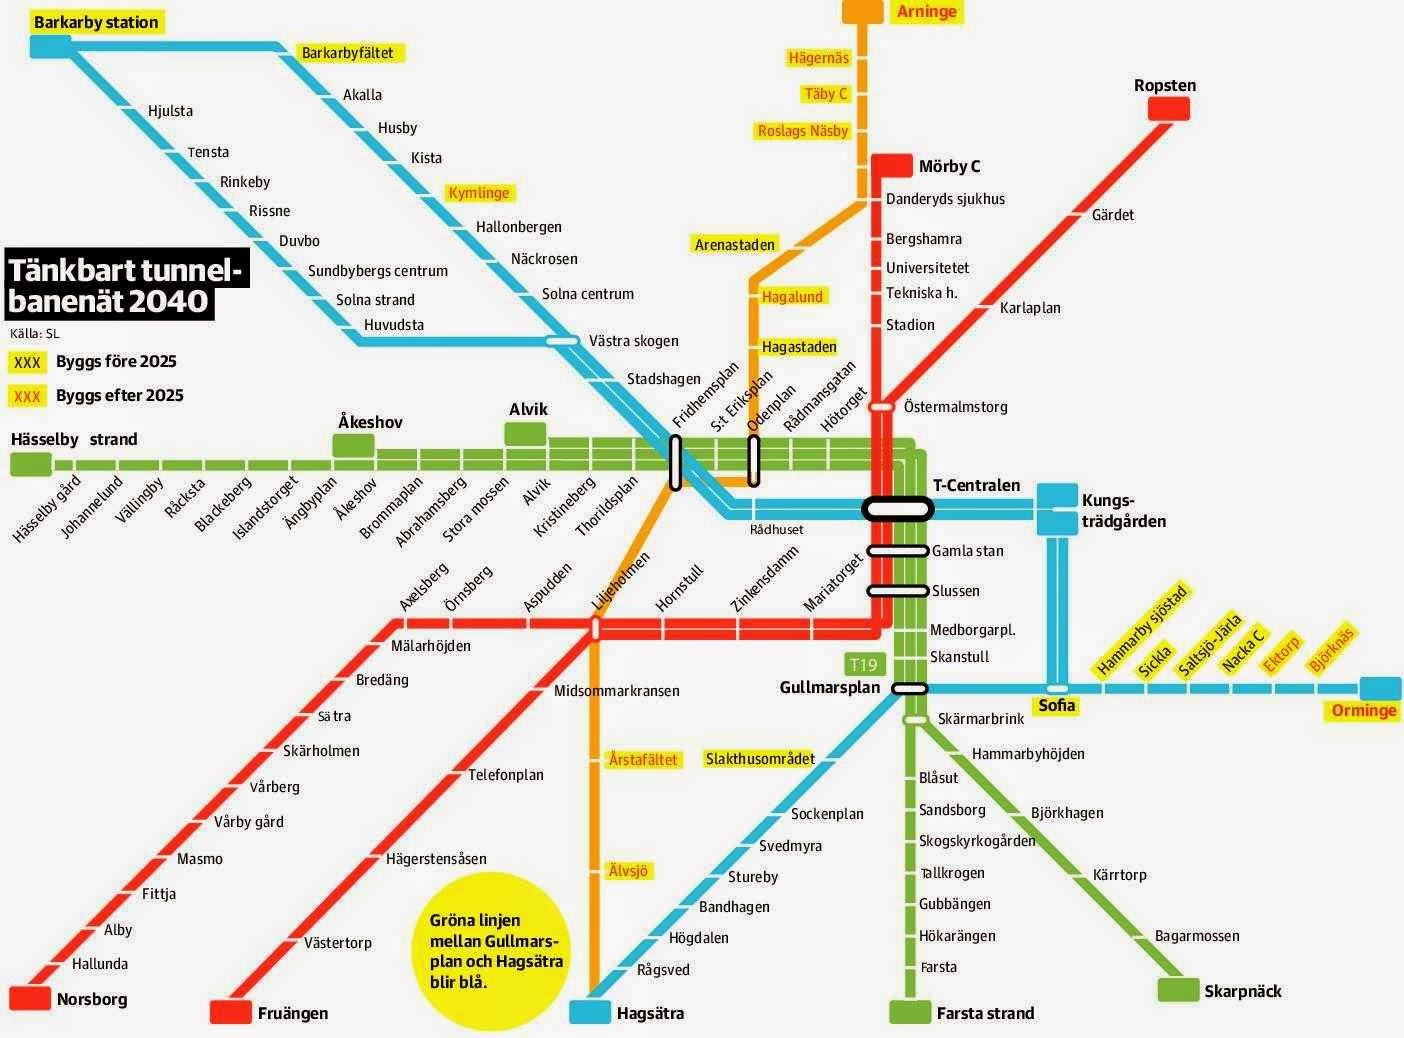 karta odenplan stockholm Fredman på Kvarnberget: Framtida tunnelbanelinjer efter 2025 karta odenplan stockholm